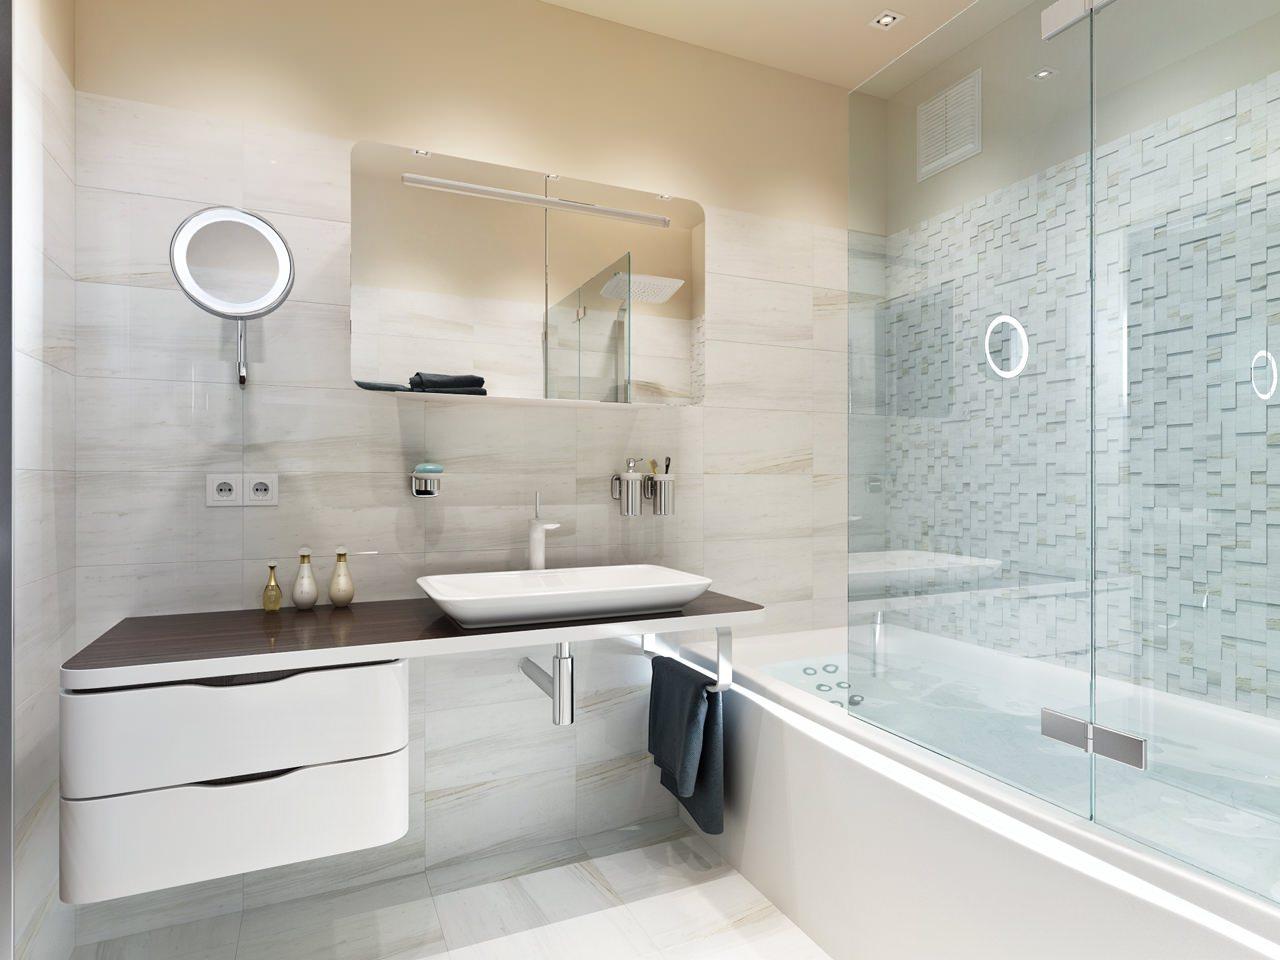 Дизайн ванной комнаты 5 кв м - идеи планировки +70 фото интерьера